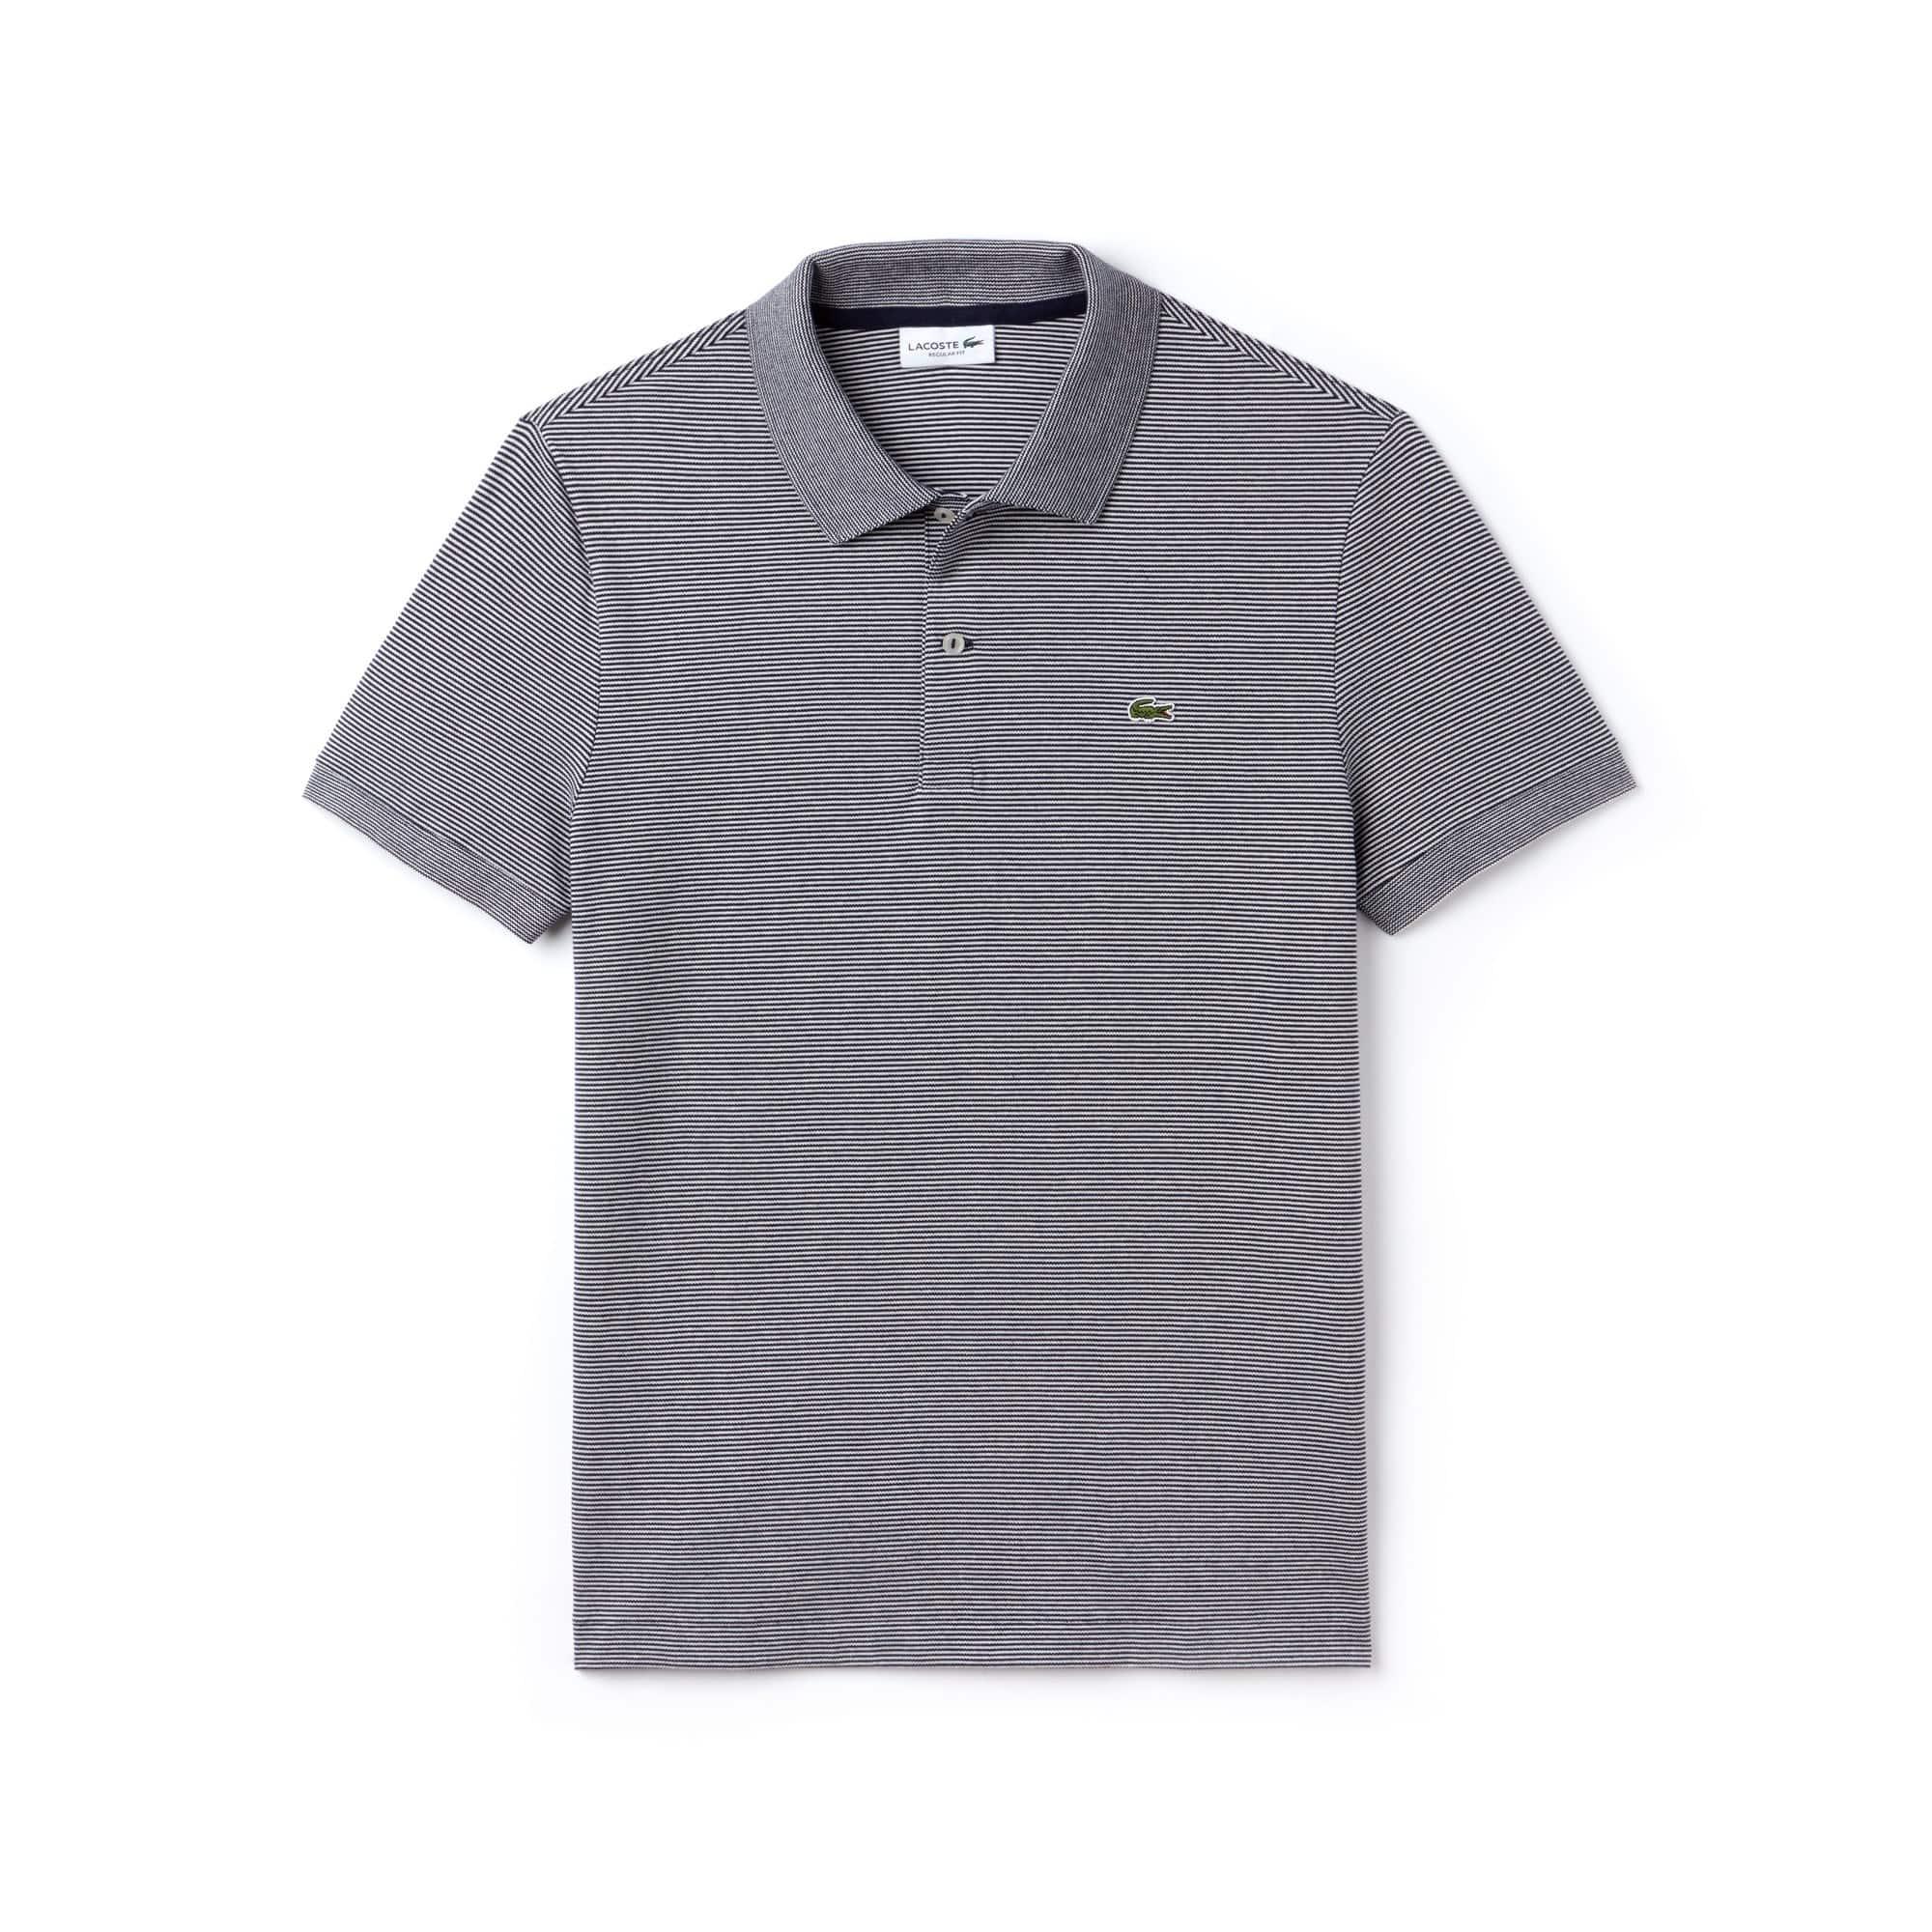 Men's Lacoste Regular Fit Striped Mini Piqué Polo Shirt